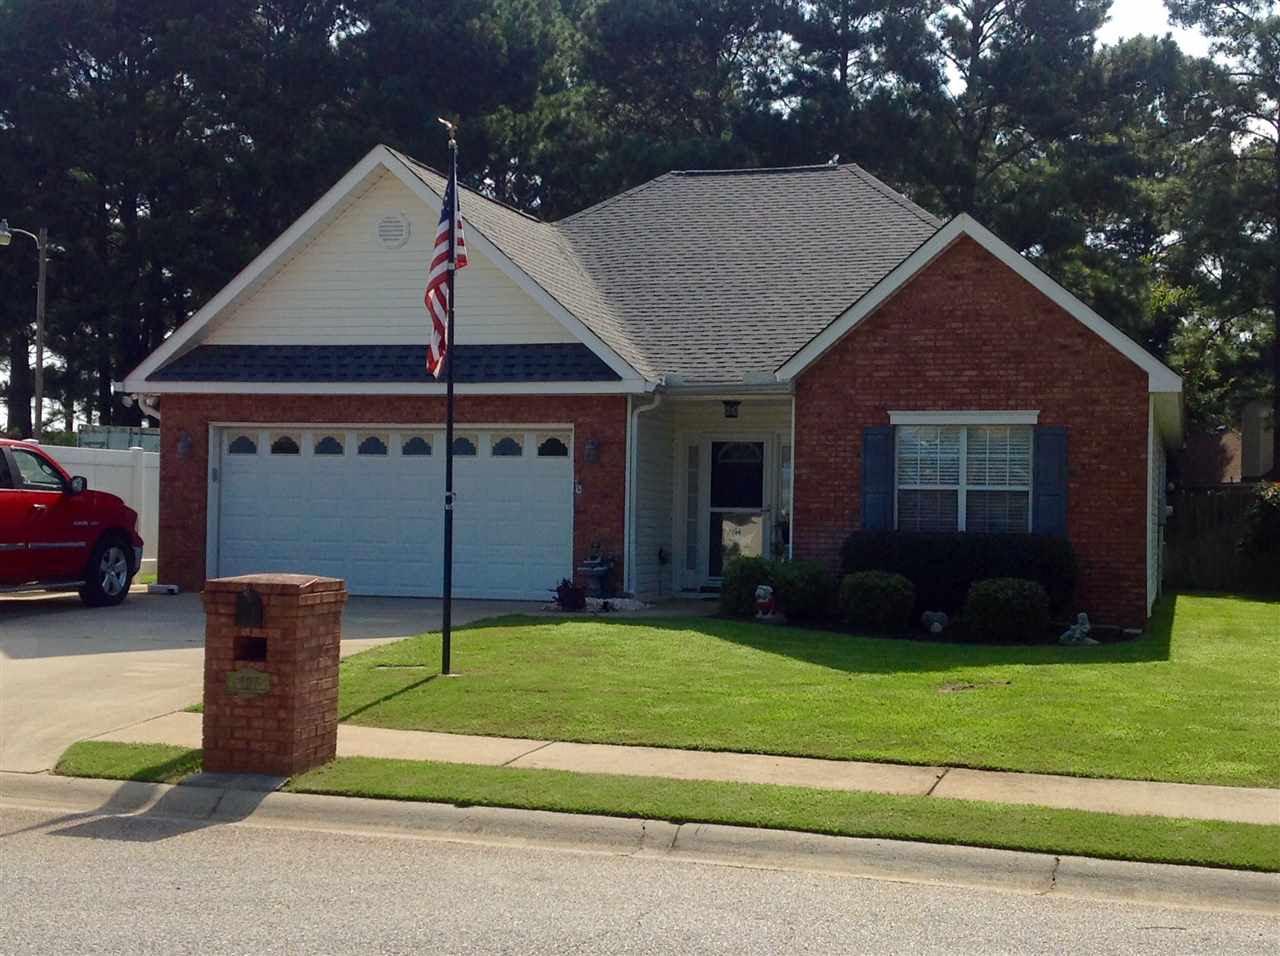 Homes for Sale in Warner Robins GA Under 150K